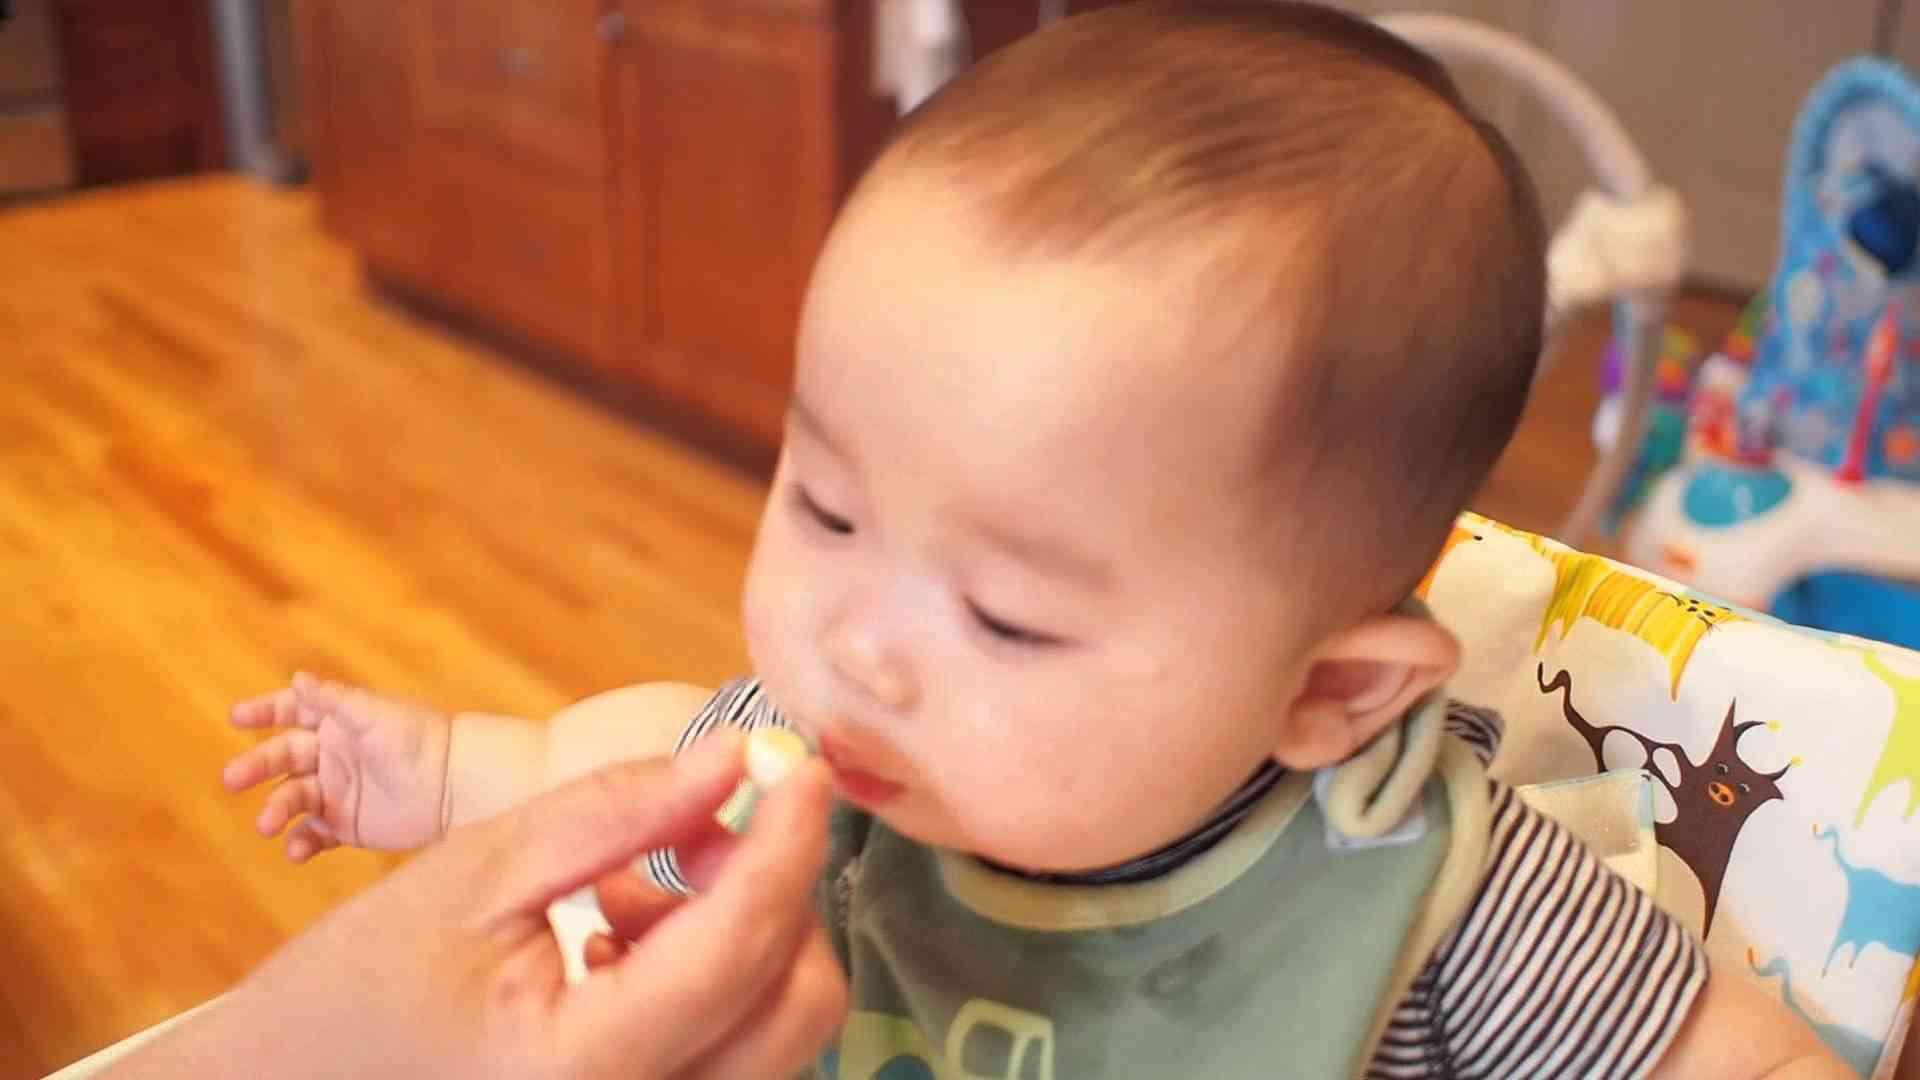 生後189日。赤ちゃん用のボーロを美味しそうに食べる。 - YouTube